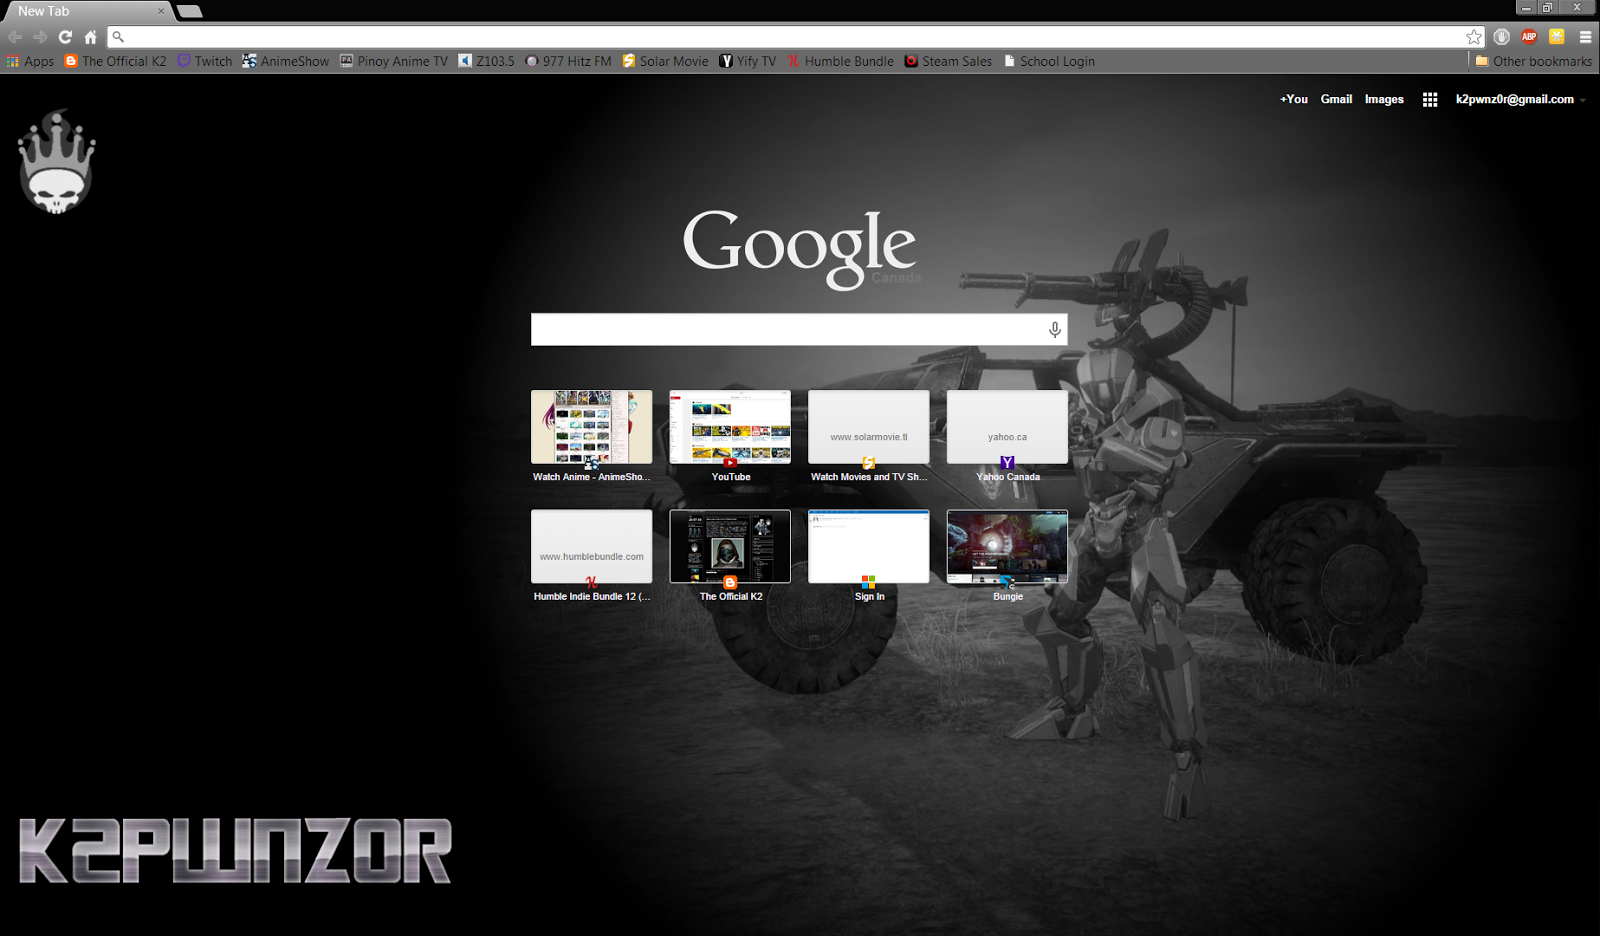 Google chrome theme infinite stratos - Chrome Theme K2pwnz0r